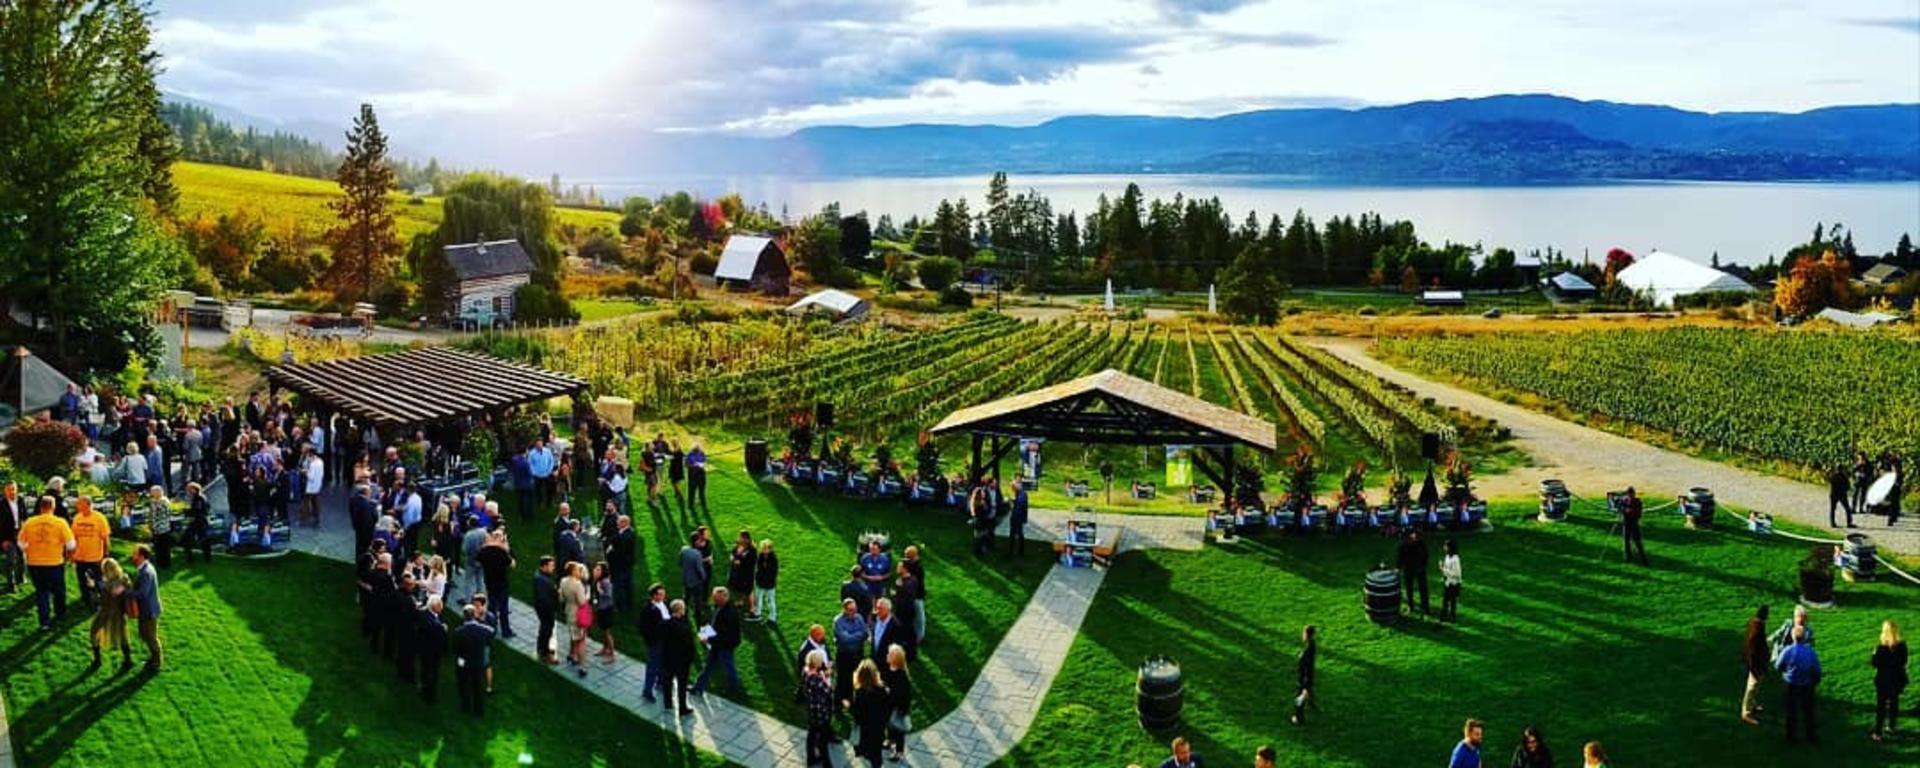 Vineyard Lawn